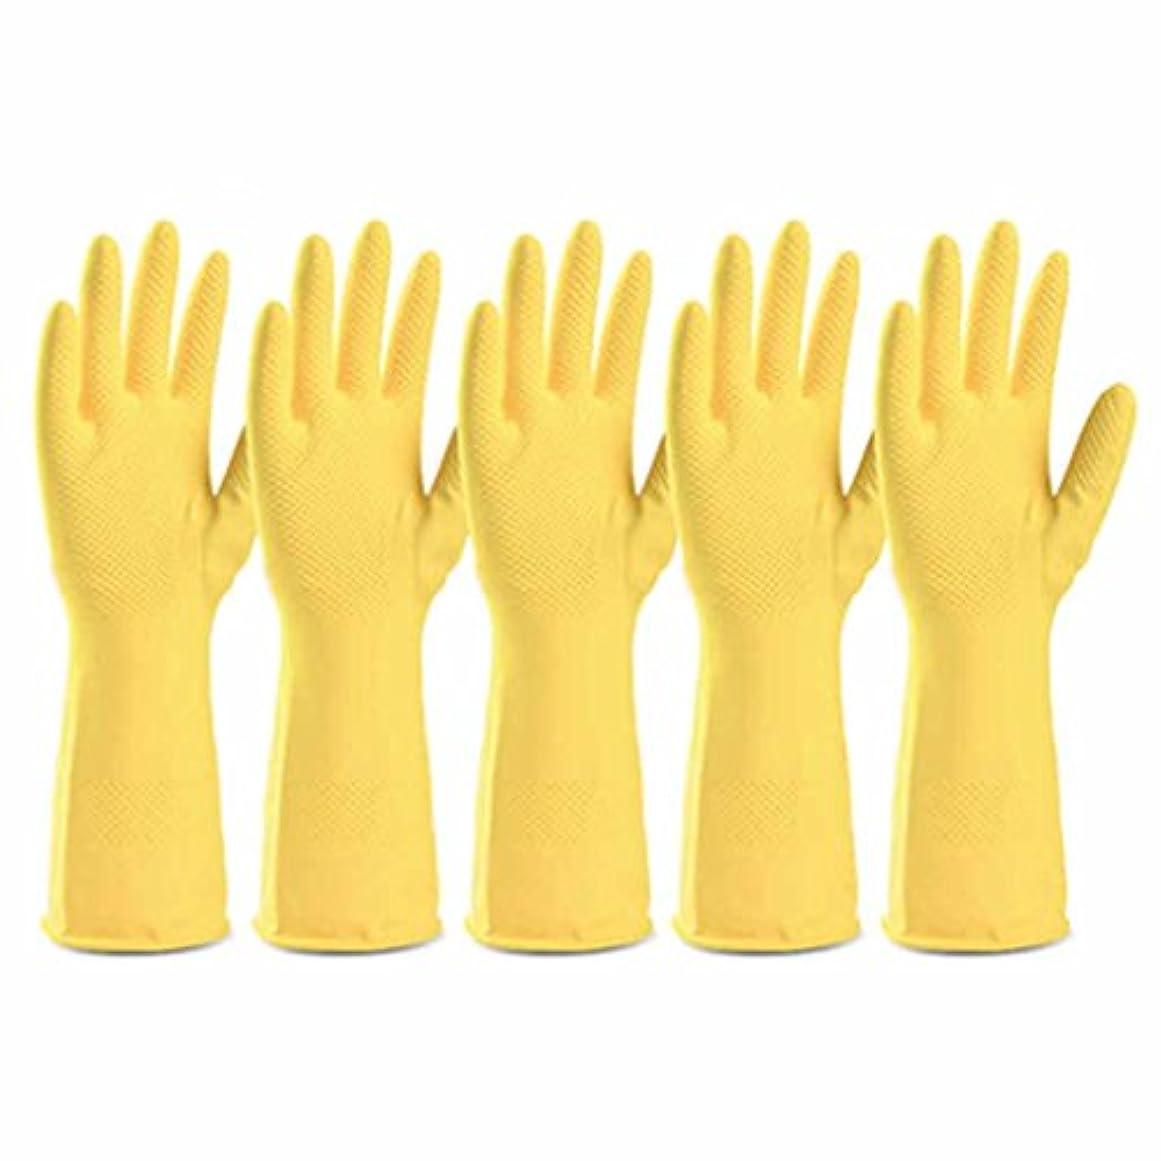 ターミナルメロディアス一元化する使い捨て手袋 食品グレードラテックス滑り止め耐久手袋キッチン多機能防水油手袋 (Color : Yellow)